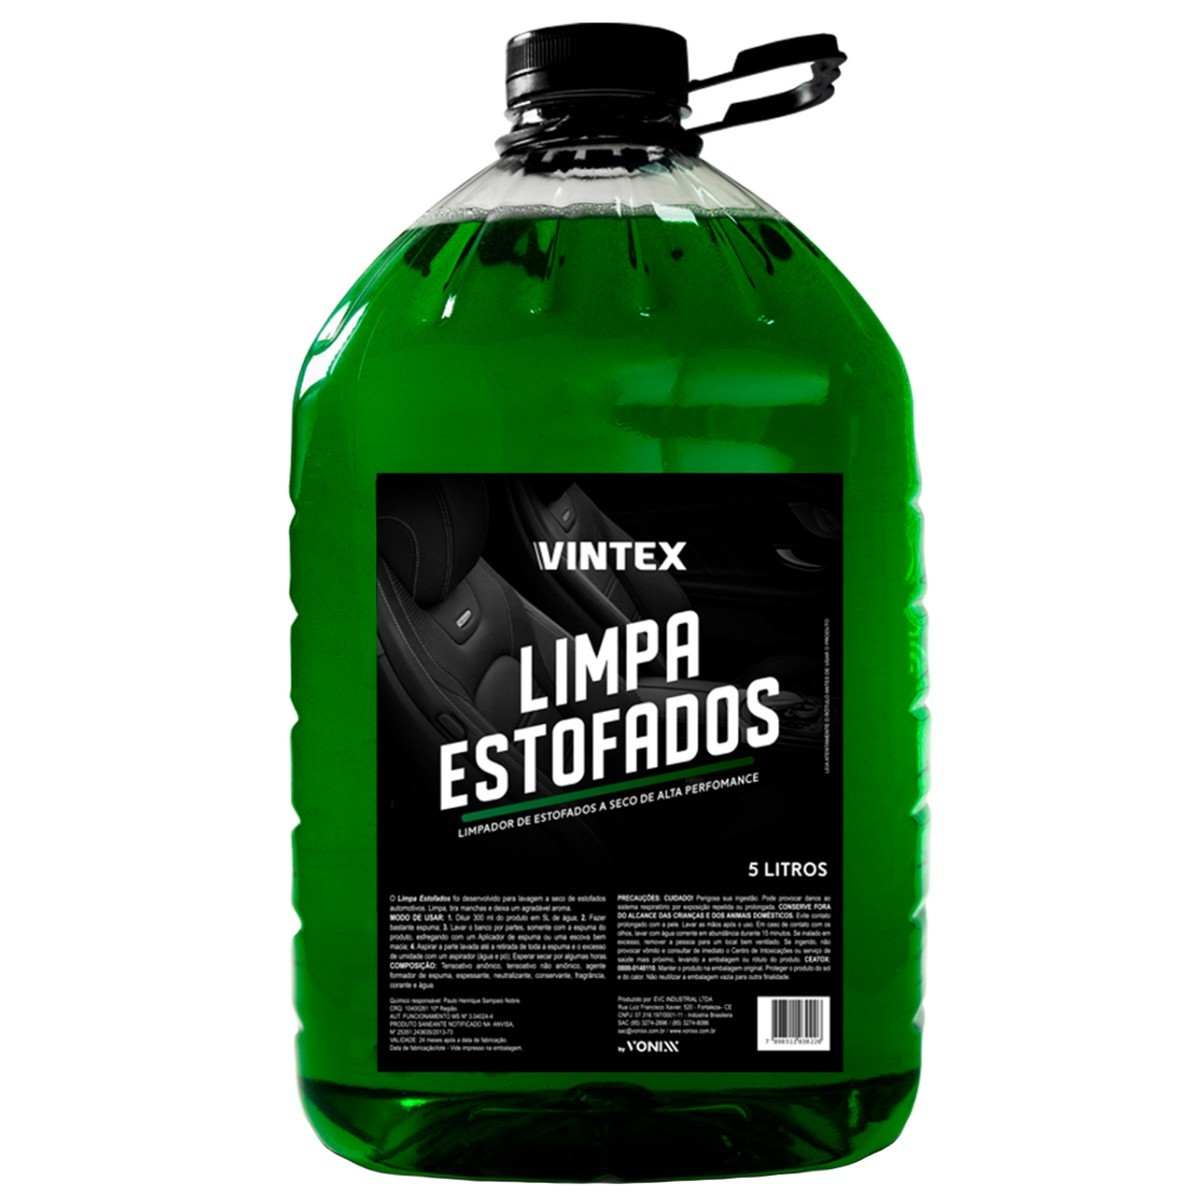 Limpa Estofados 5 Litros Vintex By Vonixx